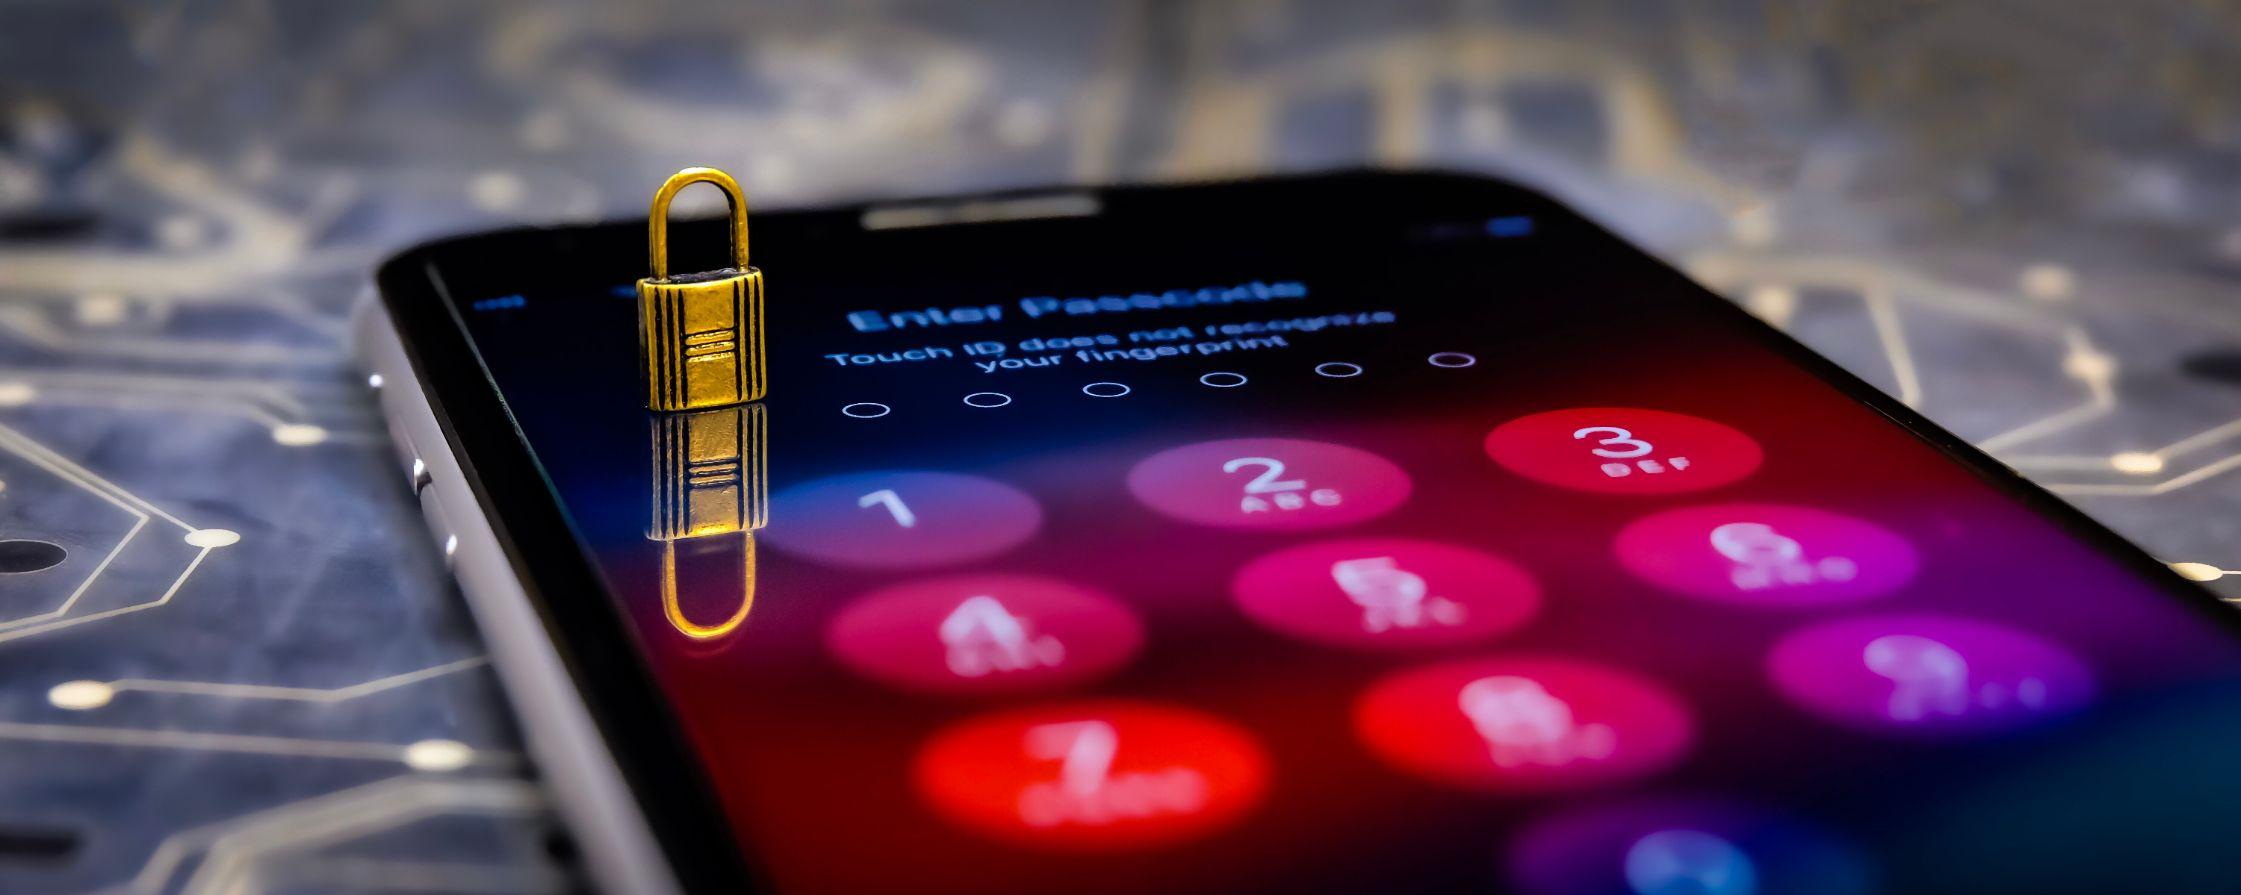 How Do Spy Apps Work?